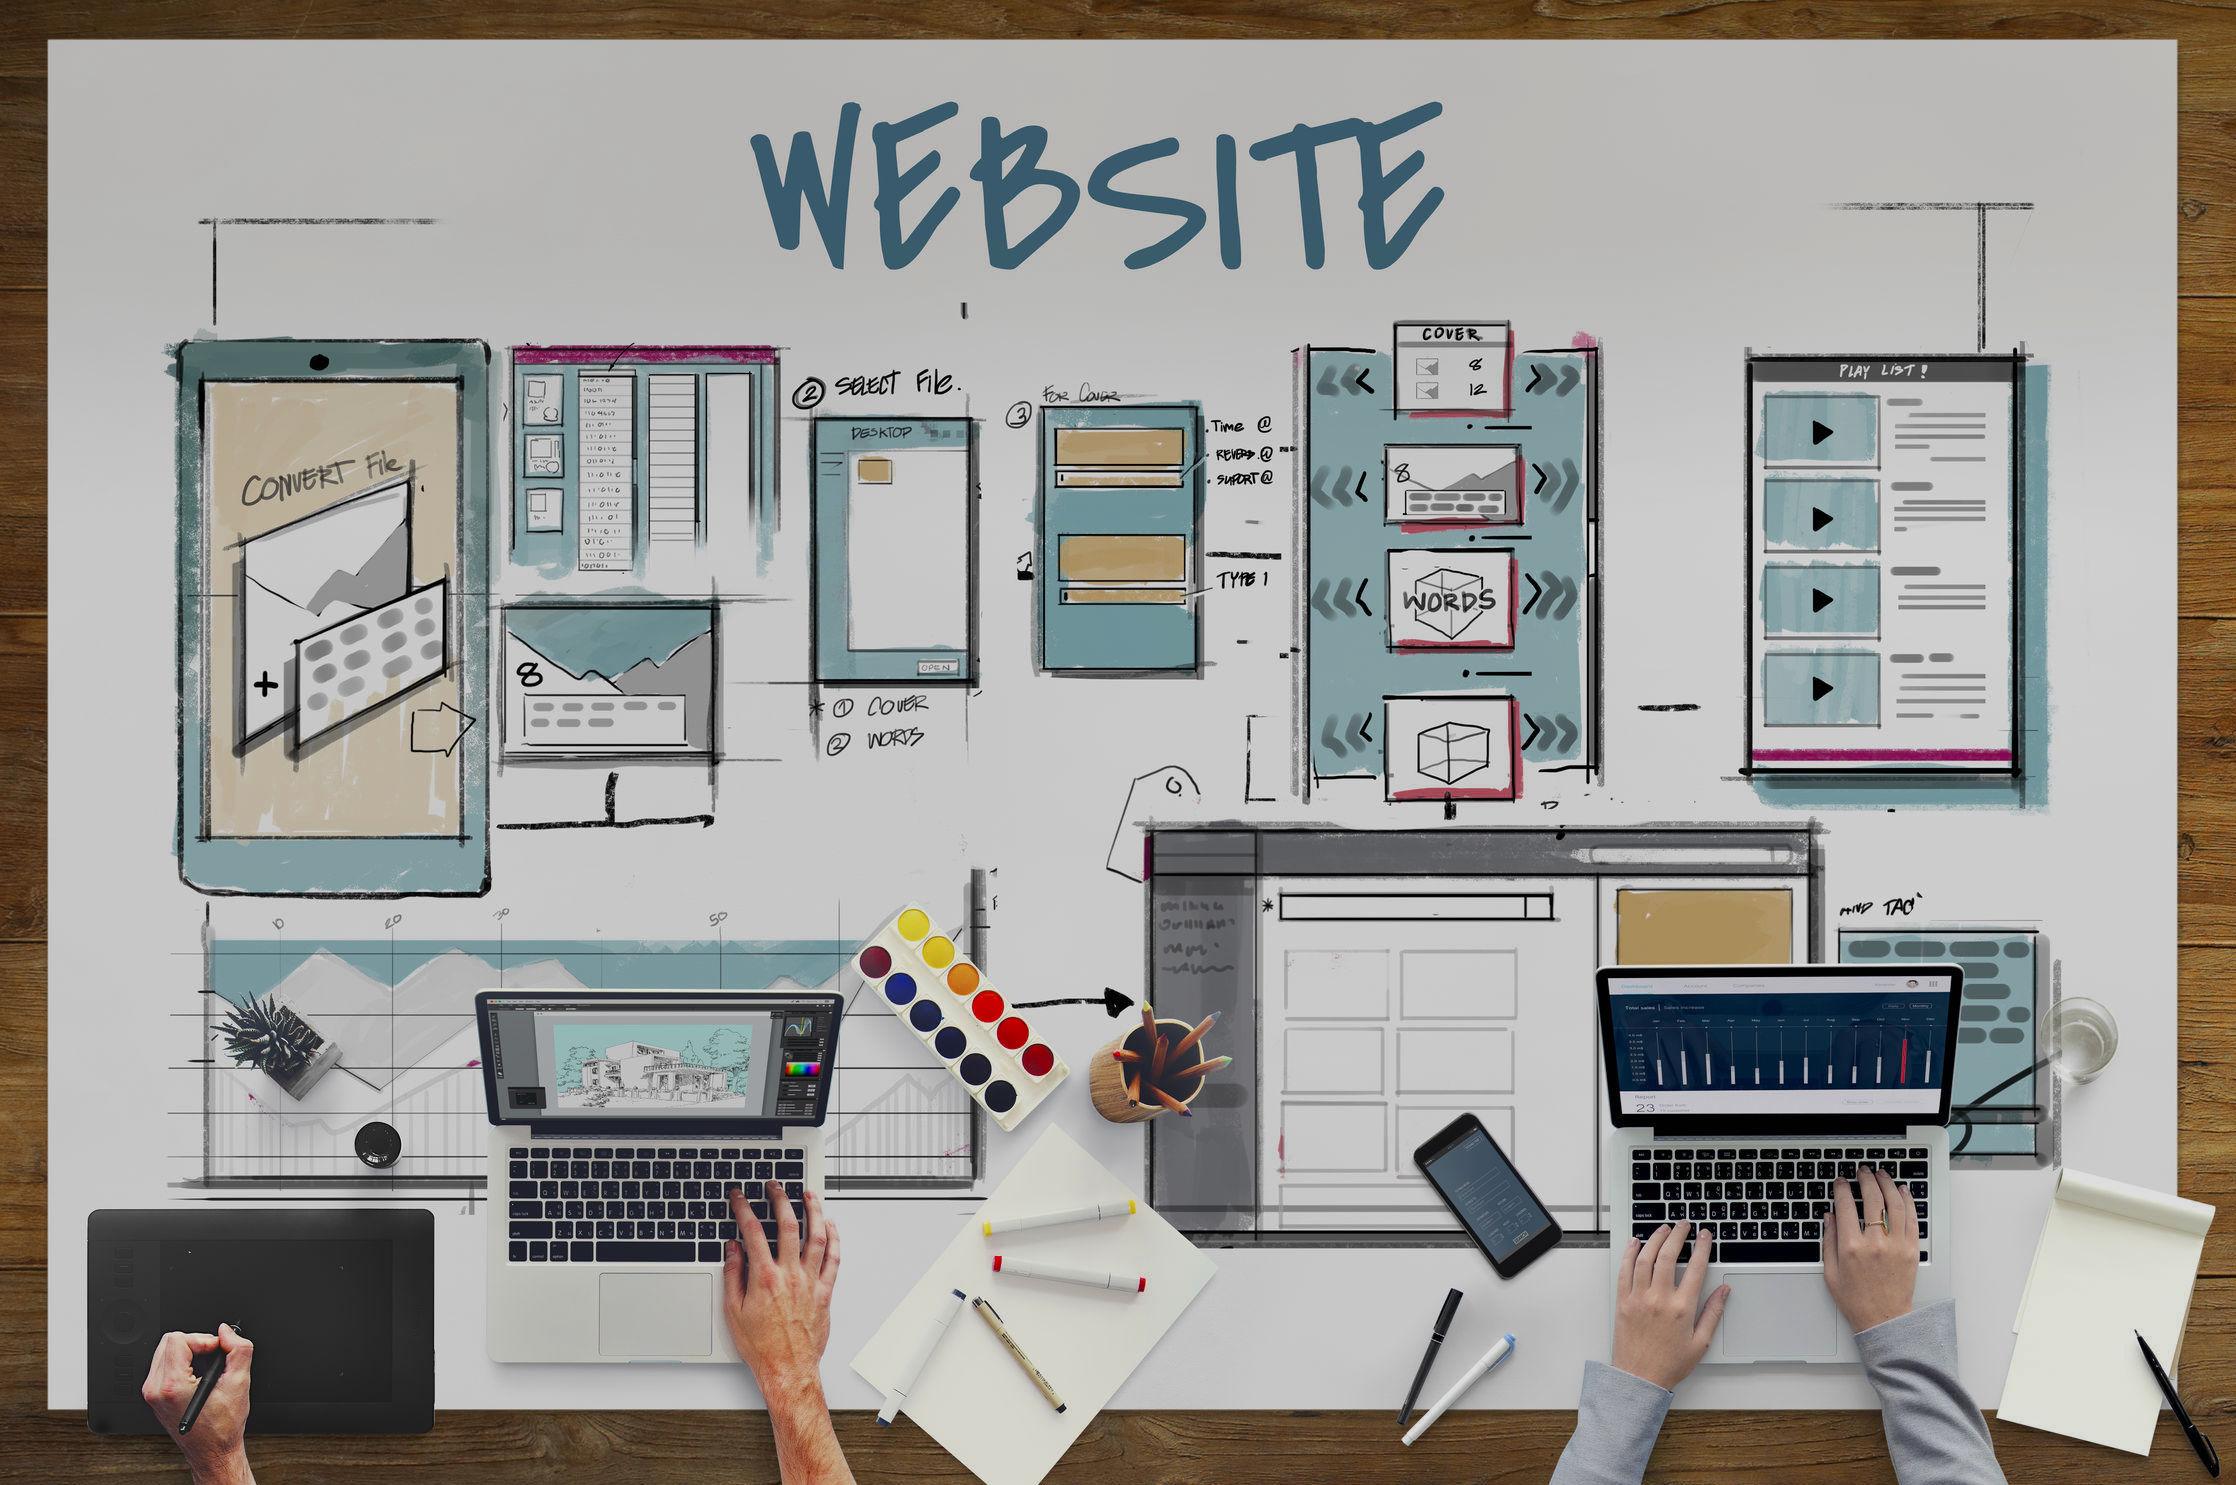 Giaco studio Realizziamo siti internet dal design unico